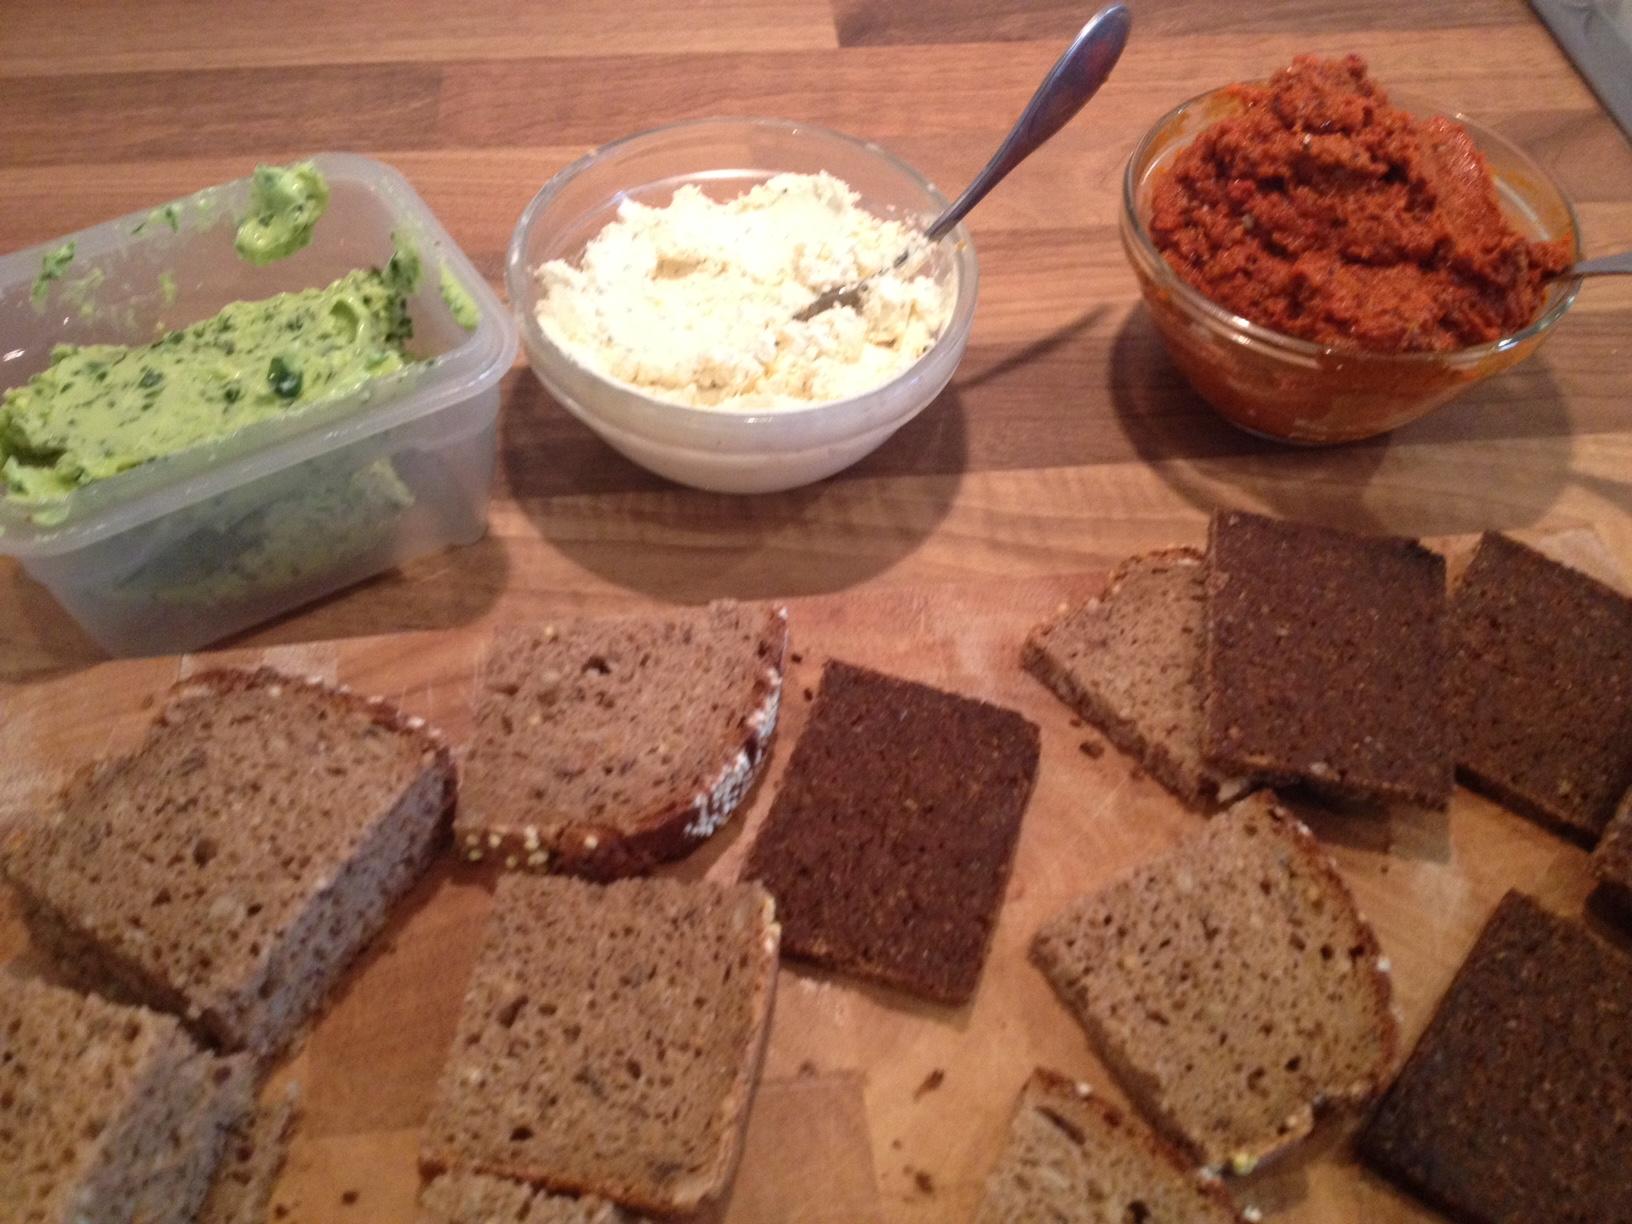 Radio-Tipp 3Schmeckt Brot vom Bäcker besser?